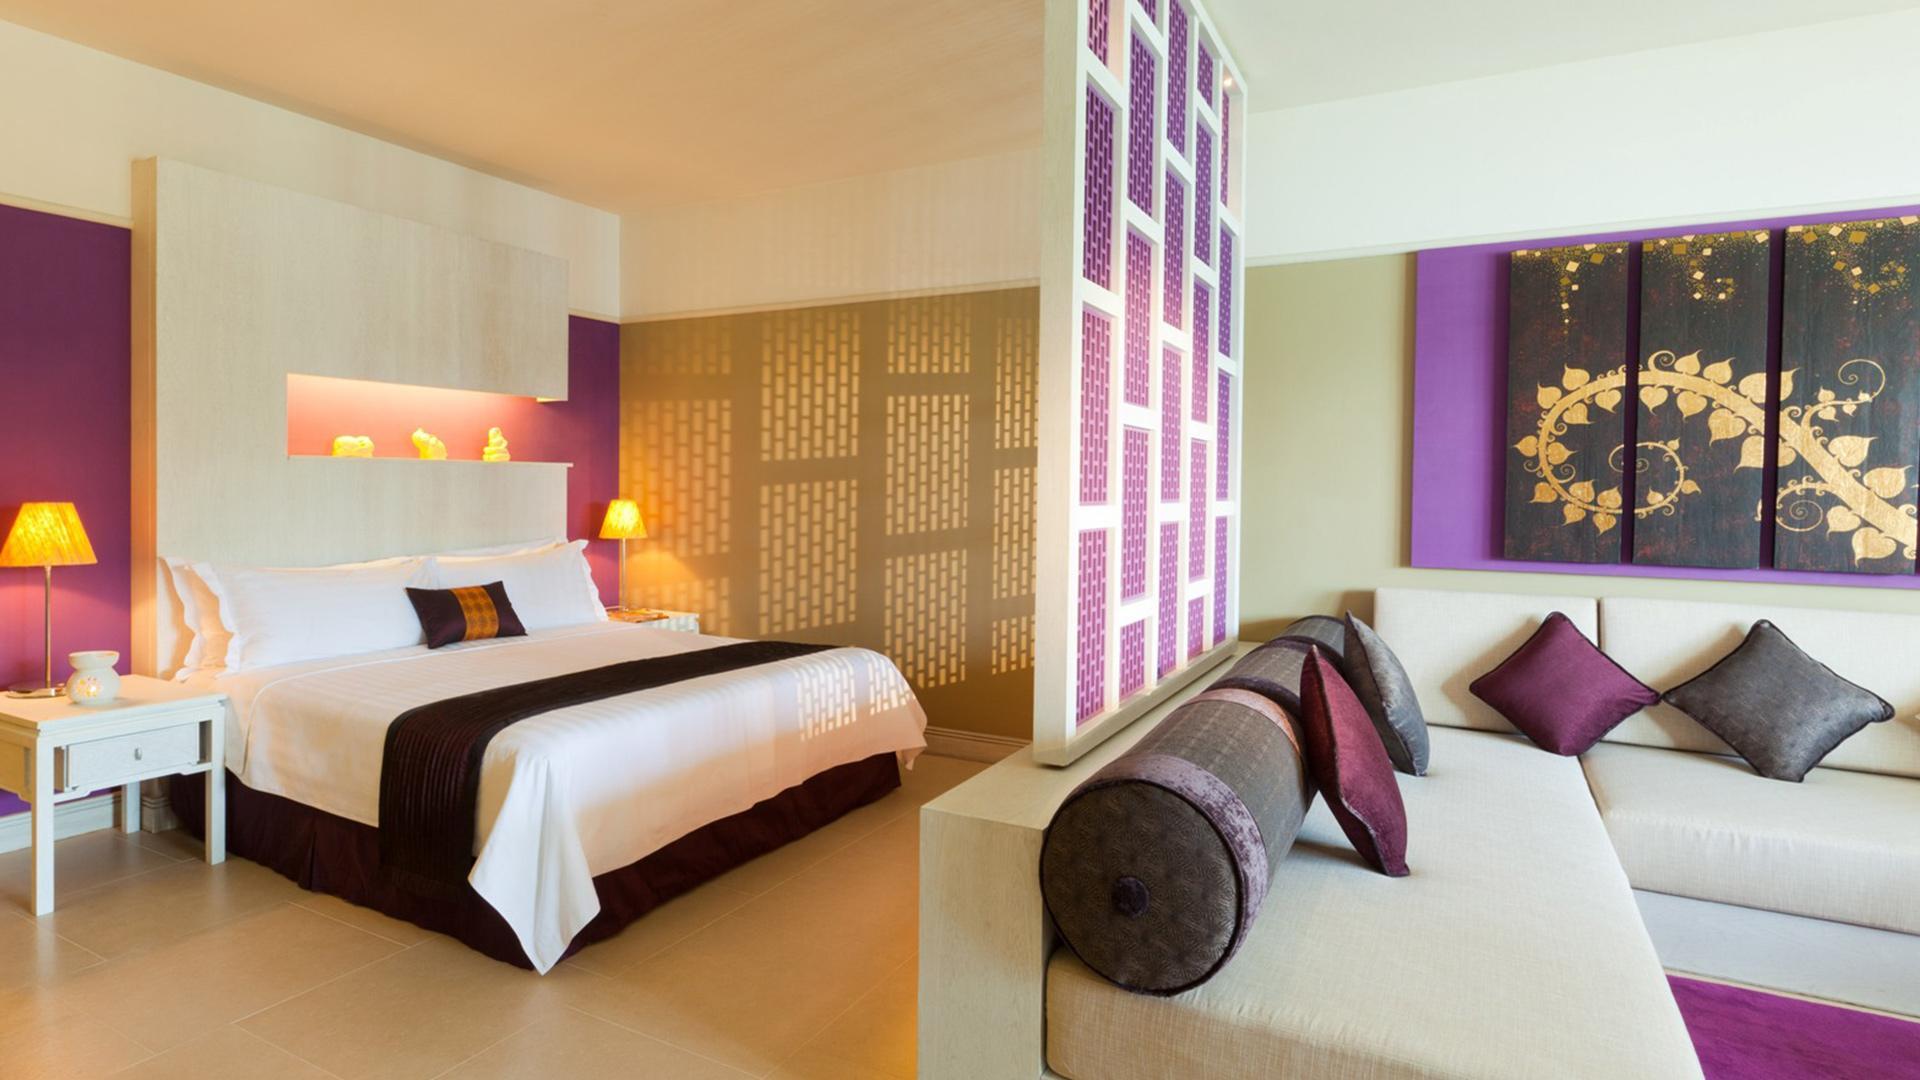 Laguna Premier Room image 1 at Angsana Laguna Phuket by Amphoe Thalang, Chang Wat Phuket, Thailand